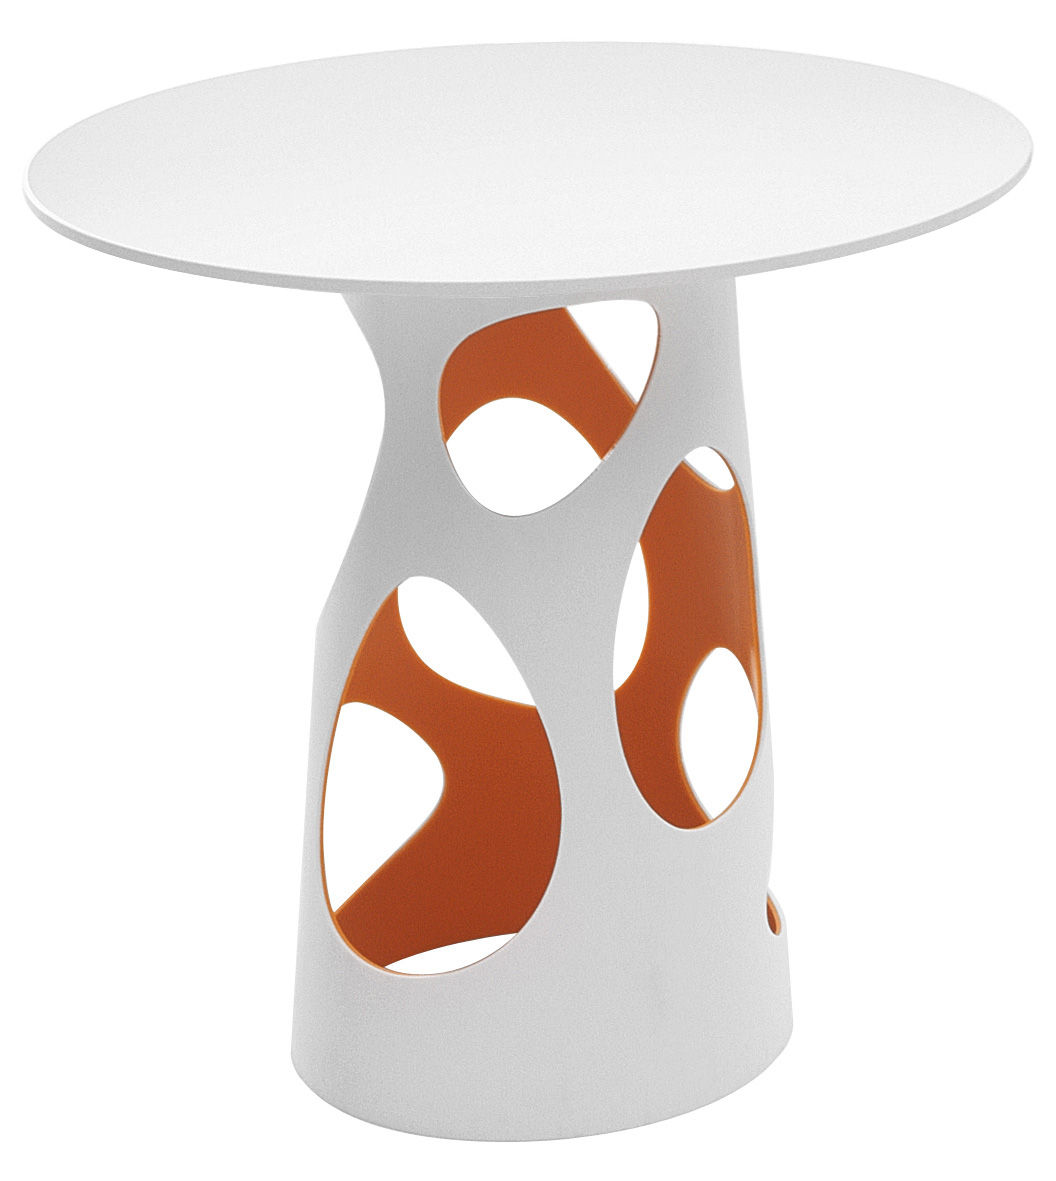 Outdoor - Tables de jardin - Accessoire table / Plateau Liberty - Ø 90 cm - MyYour - Blanc - HPL